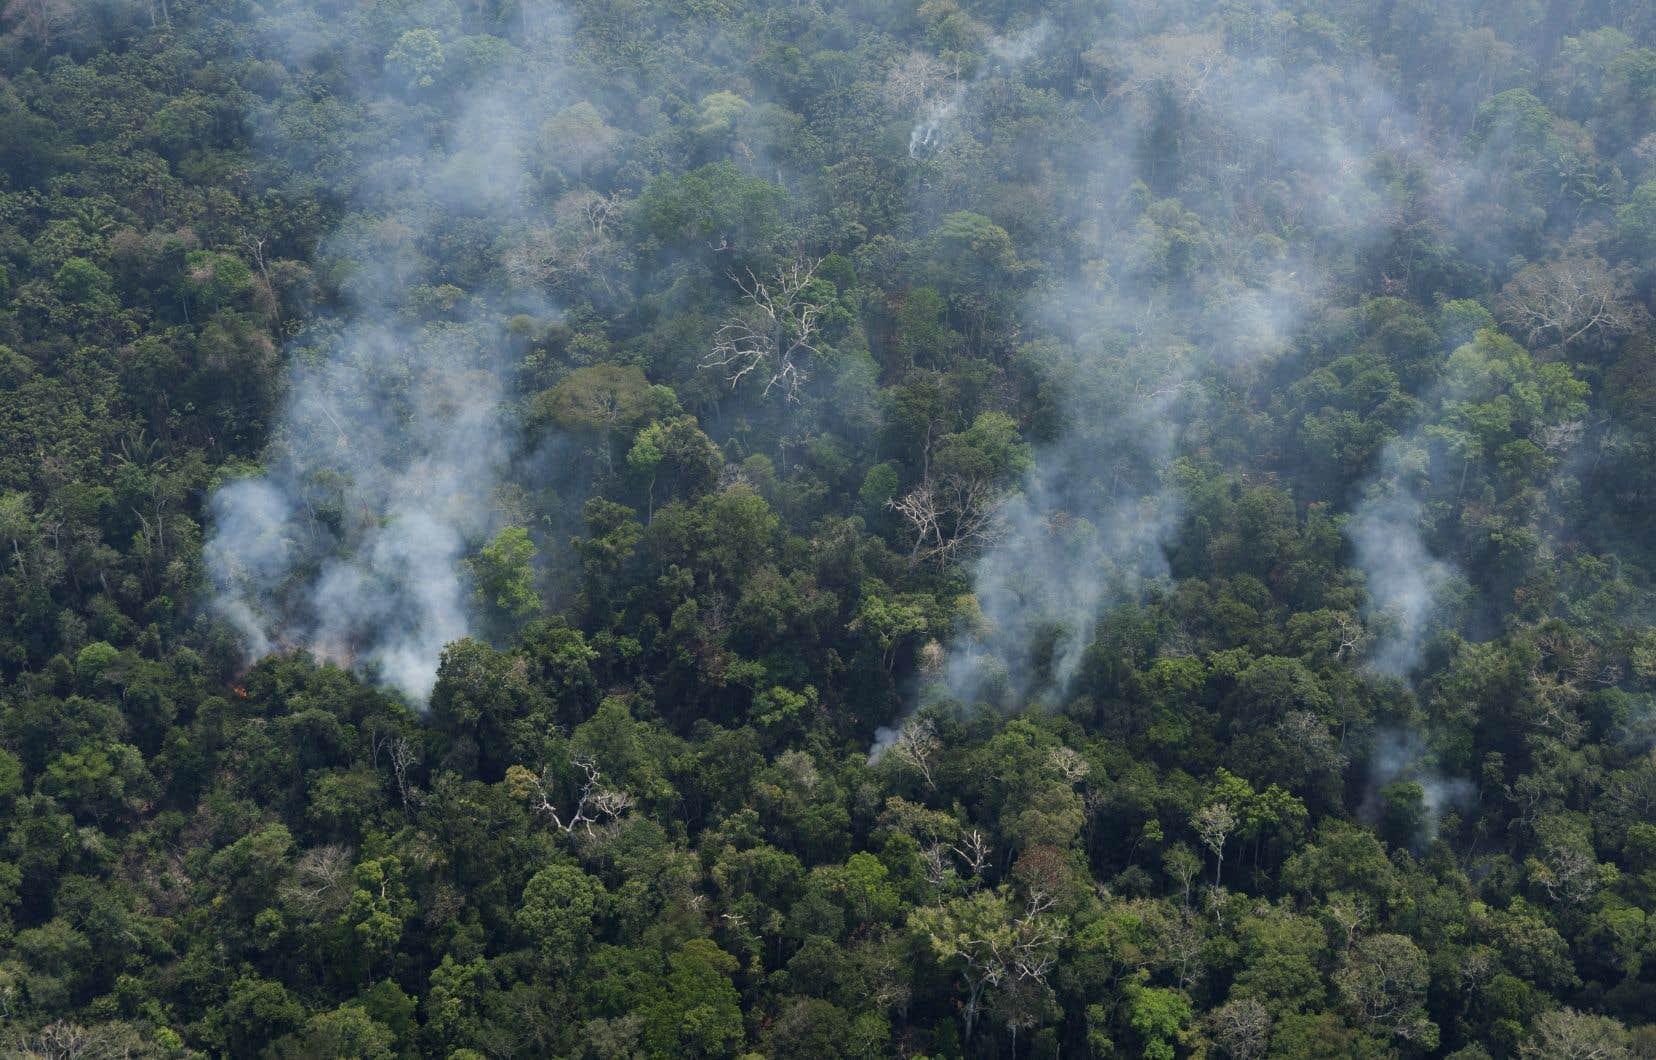 Jair Bolsonaro a autorisé vendredi l'armée à se déployer pour combattre les incendies. Il a affirmé être déterminé à protéger l'Amazonie.